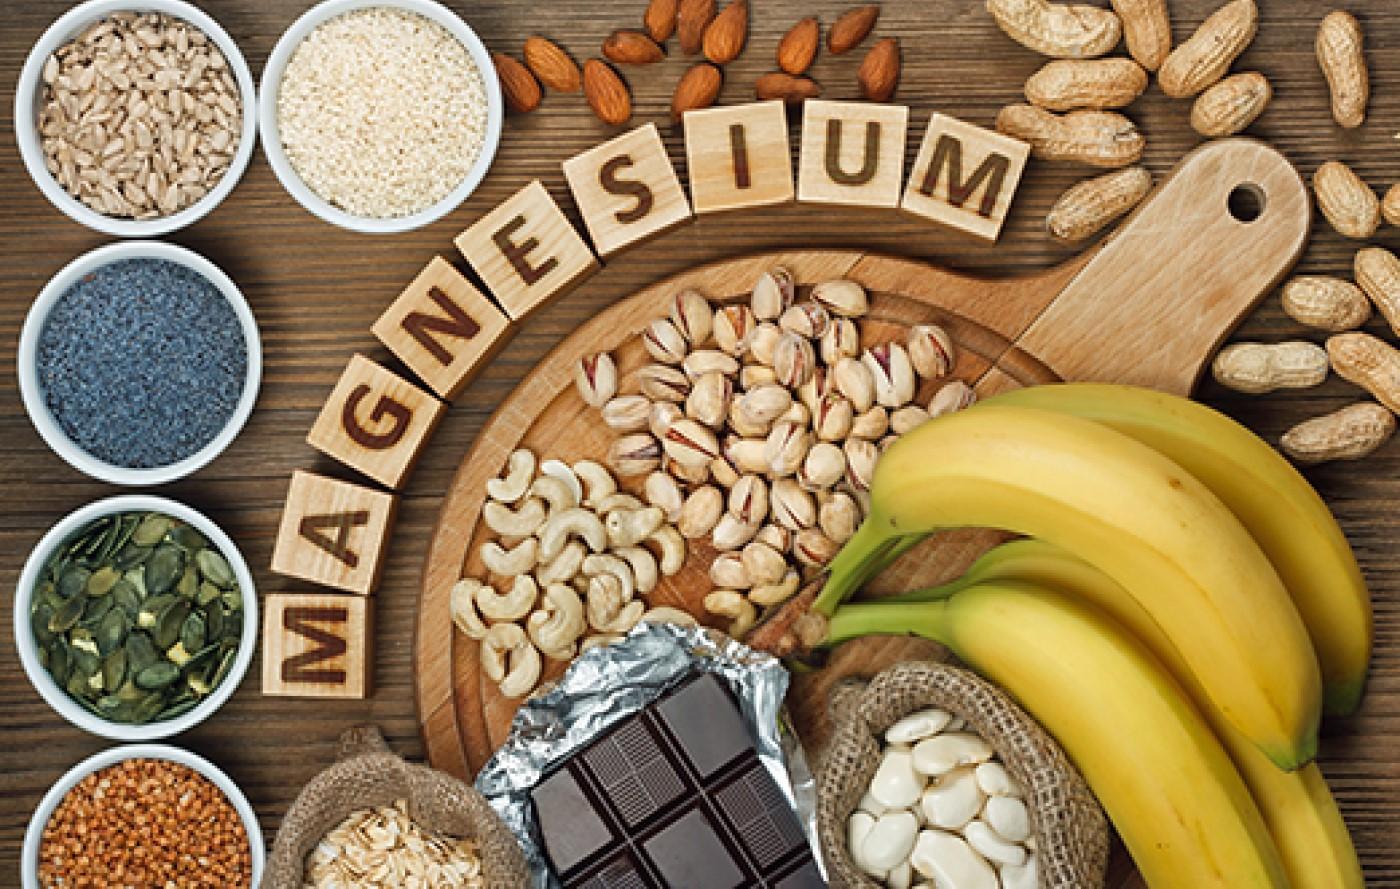 Une assiette rempli de magnésium